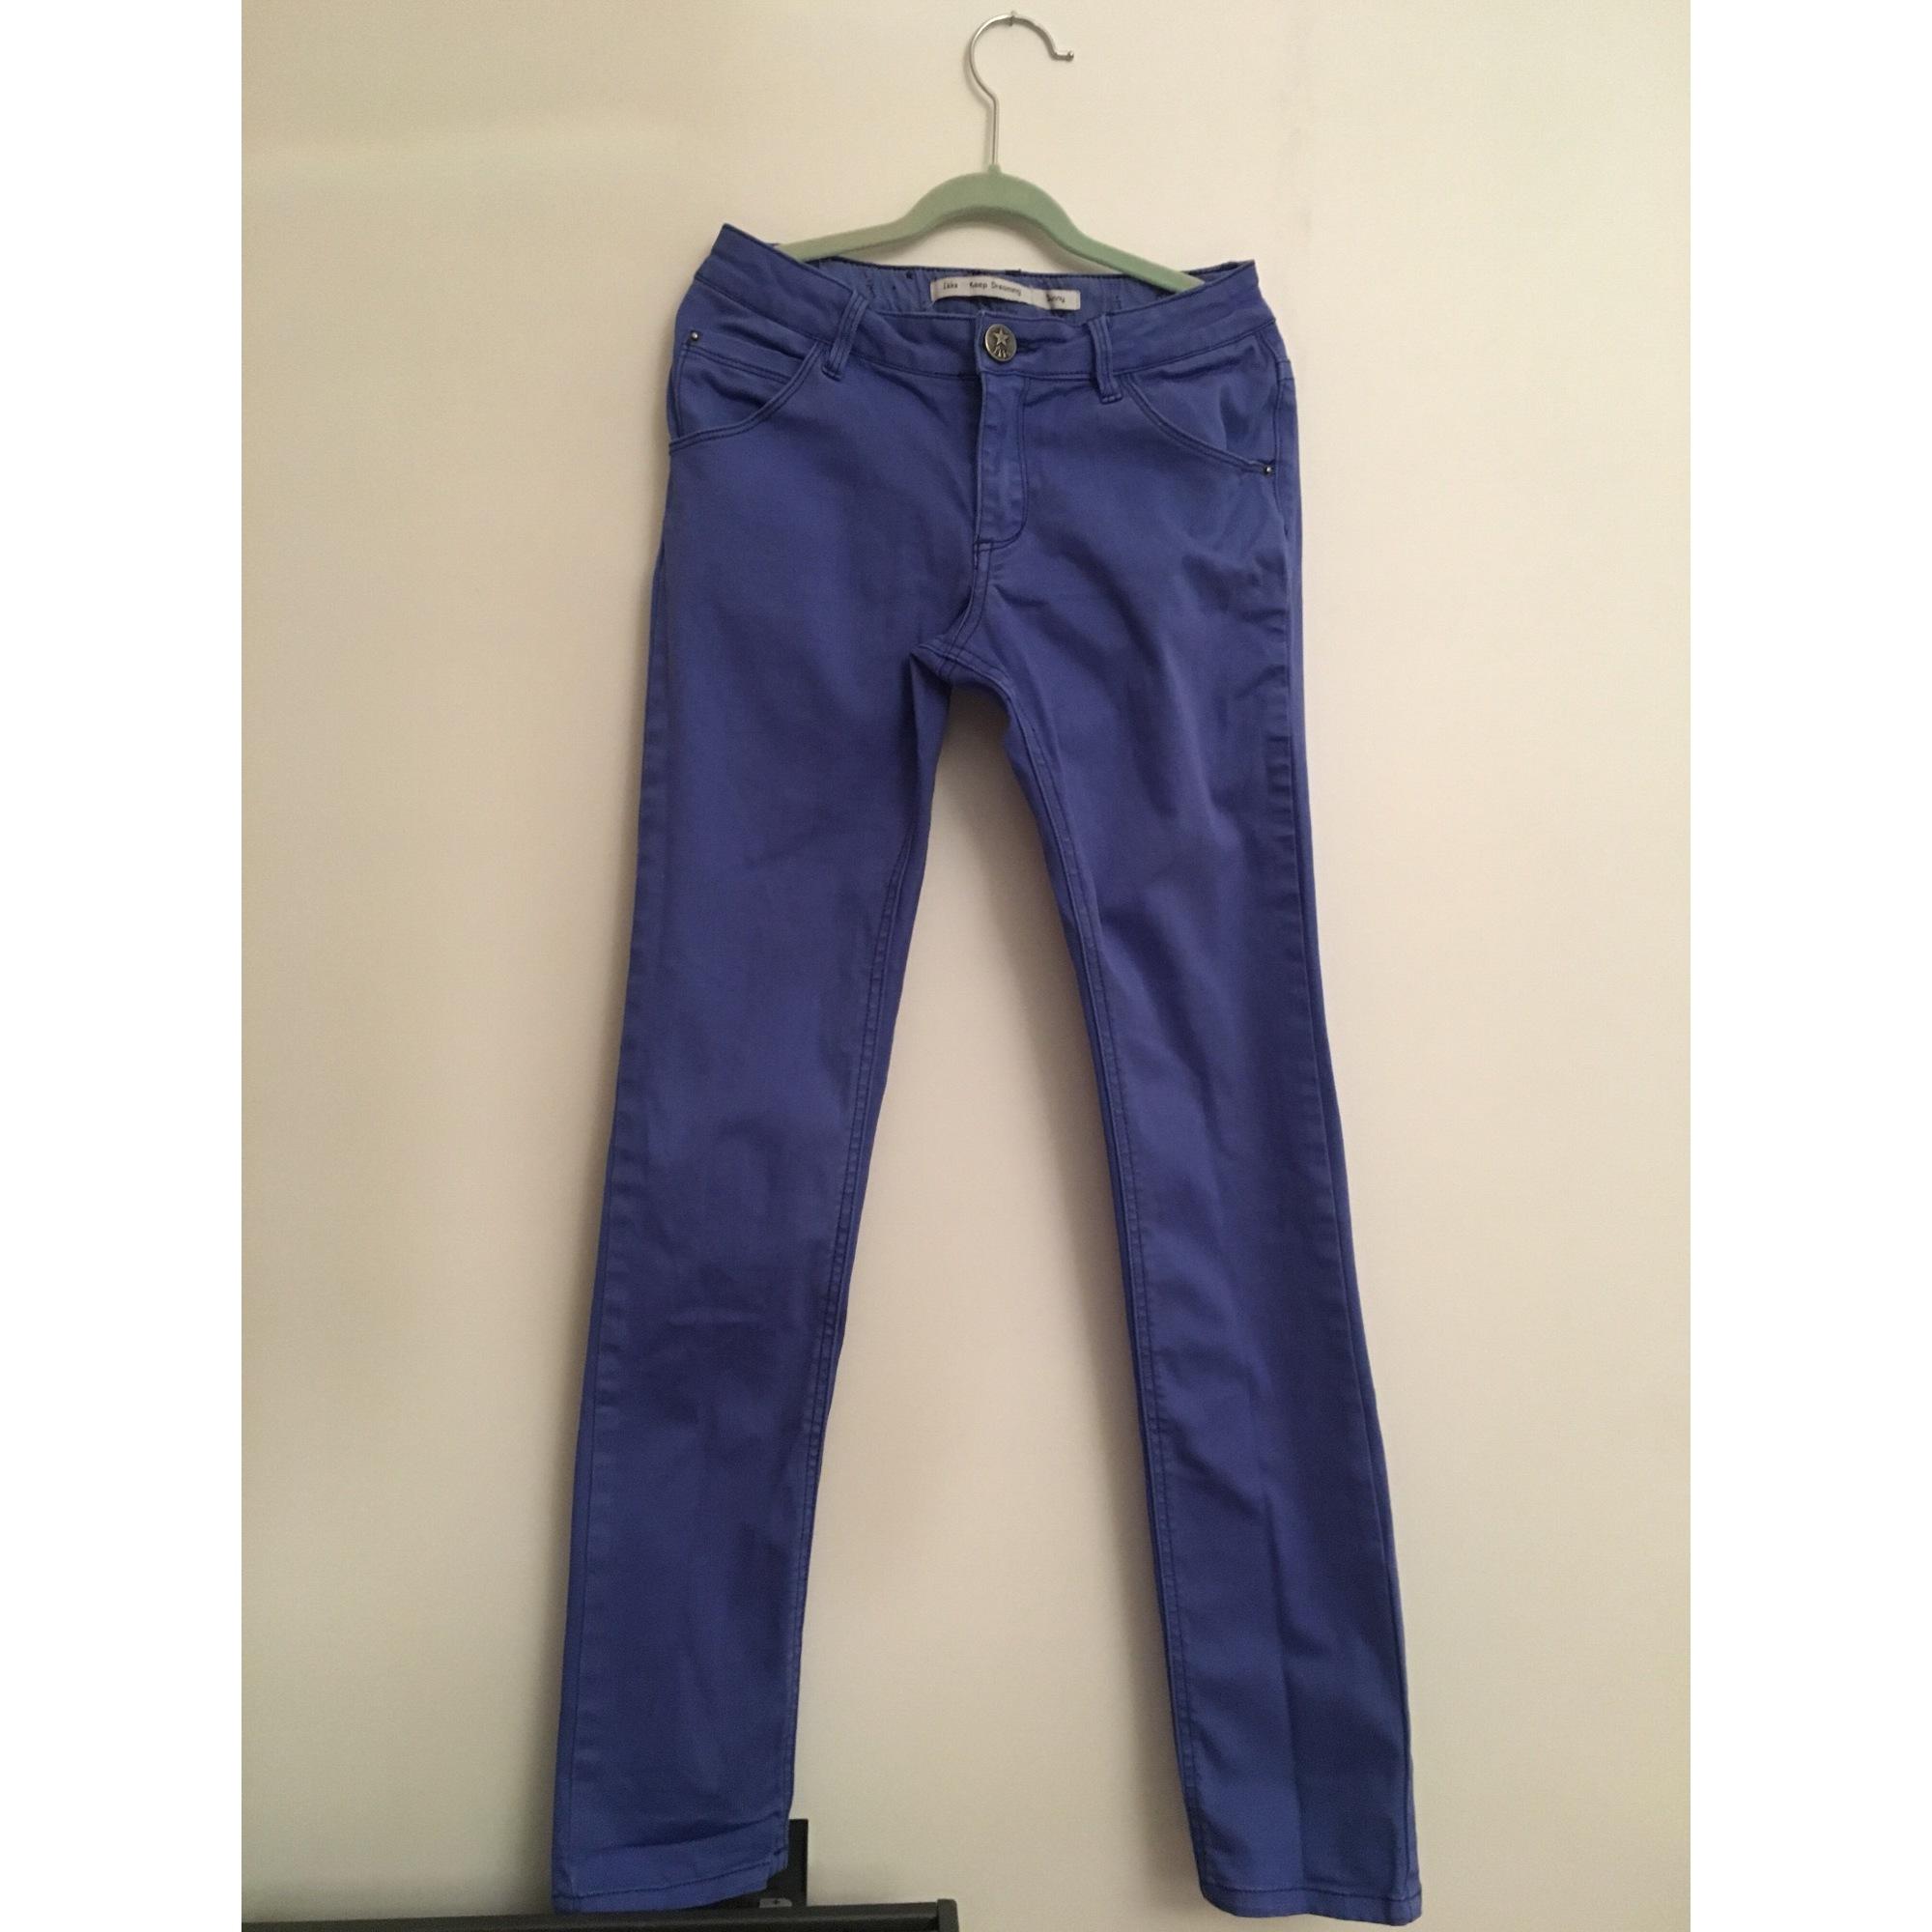 Pantalon slim, cigarette IKKS Bleu, bleu marine, bleu turquoise